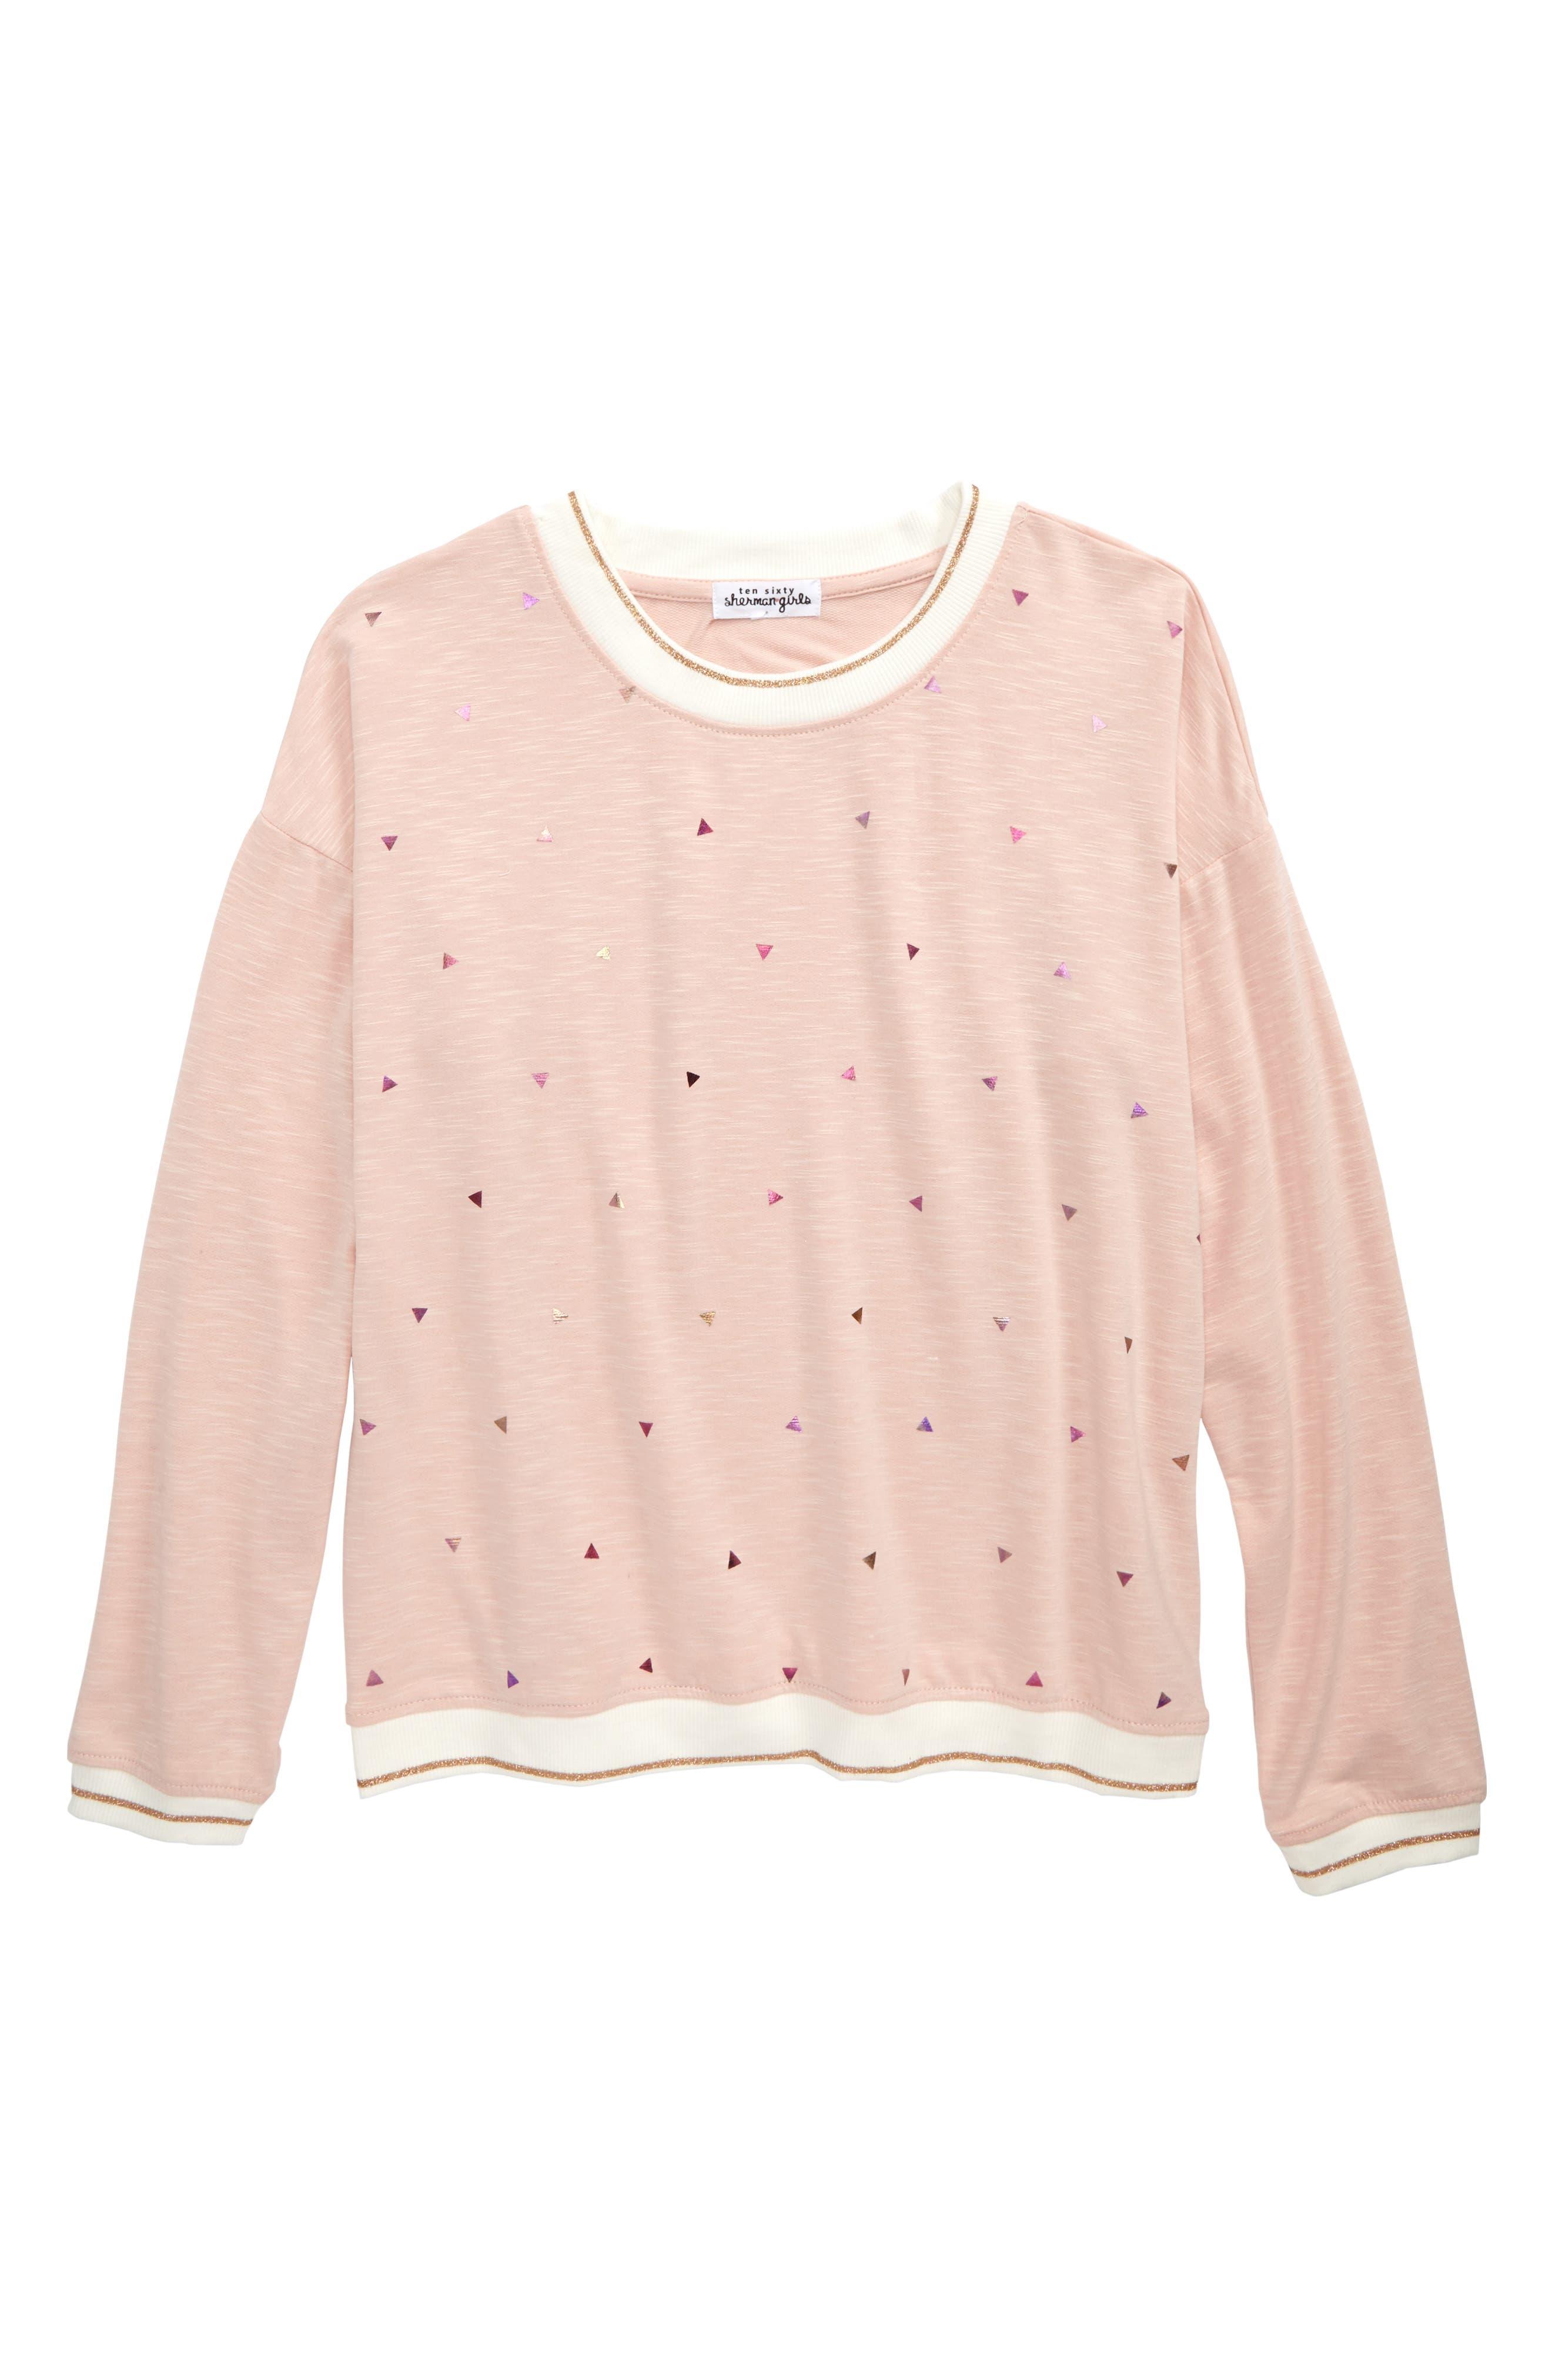 Ten Sixty Sherman Foil Triangle Sweatshirt (Big Girls)